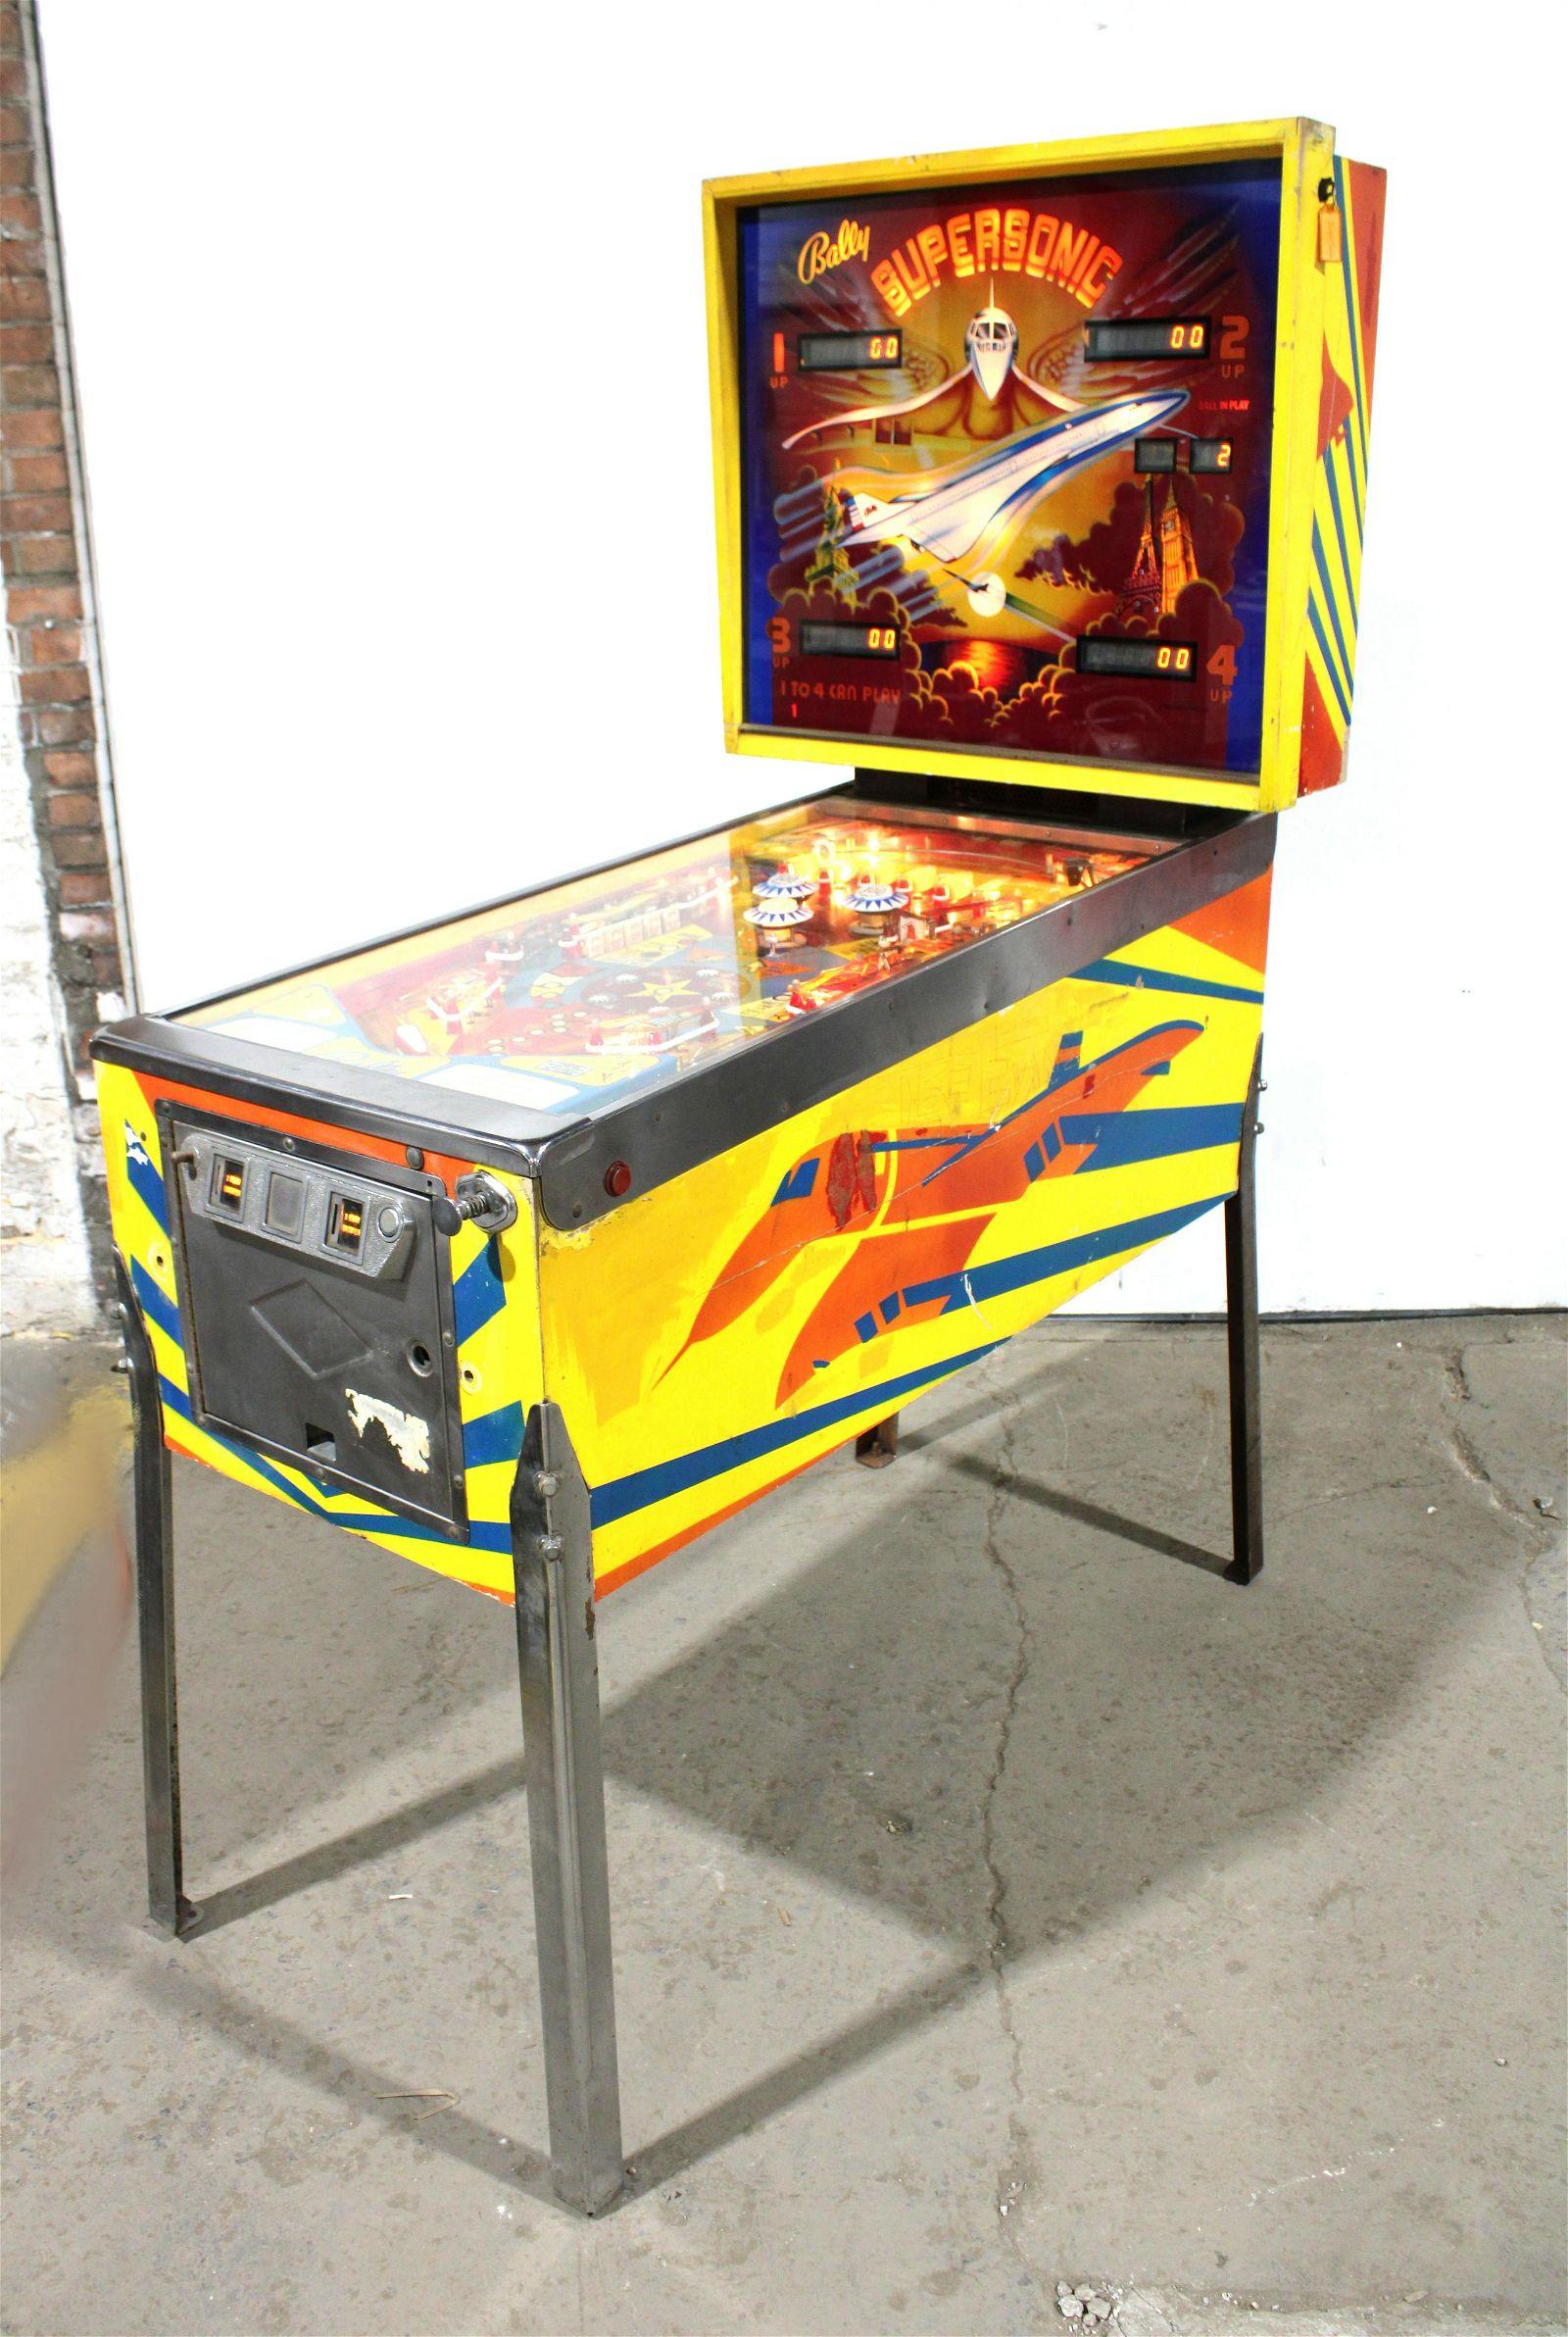 Bally Supersonic Pinball Machine